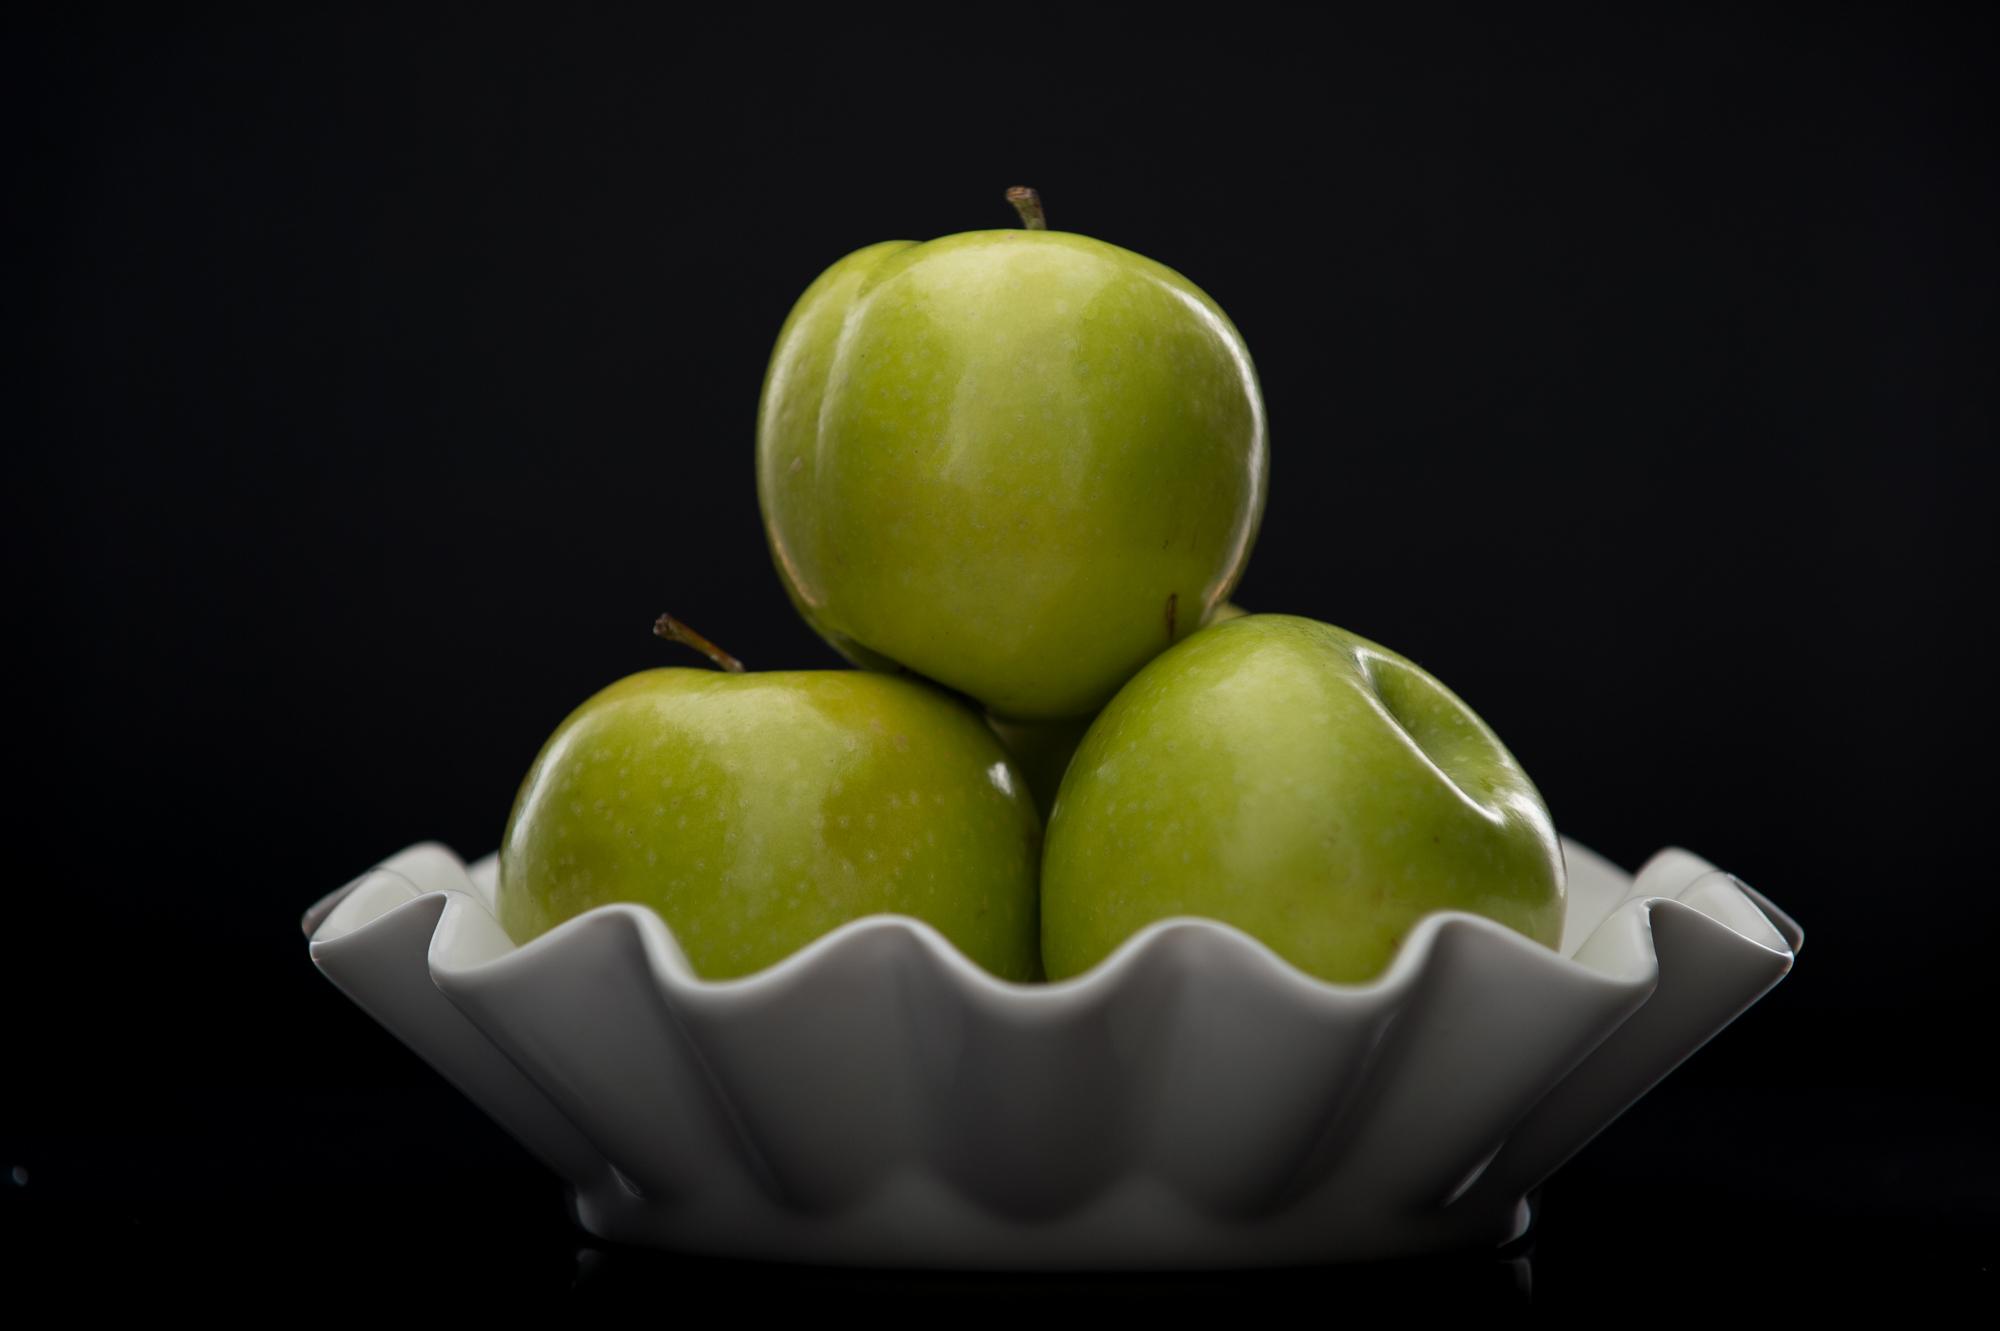 bowl-of-green-apples.jpg